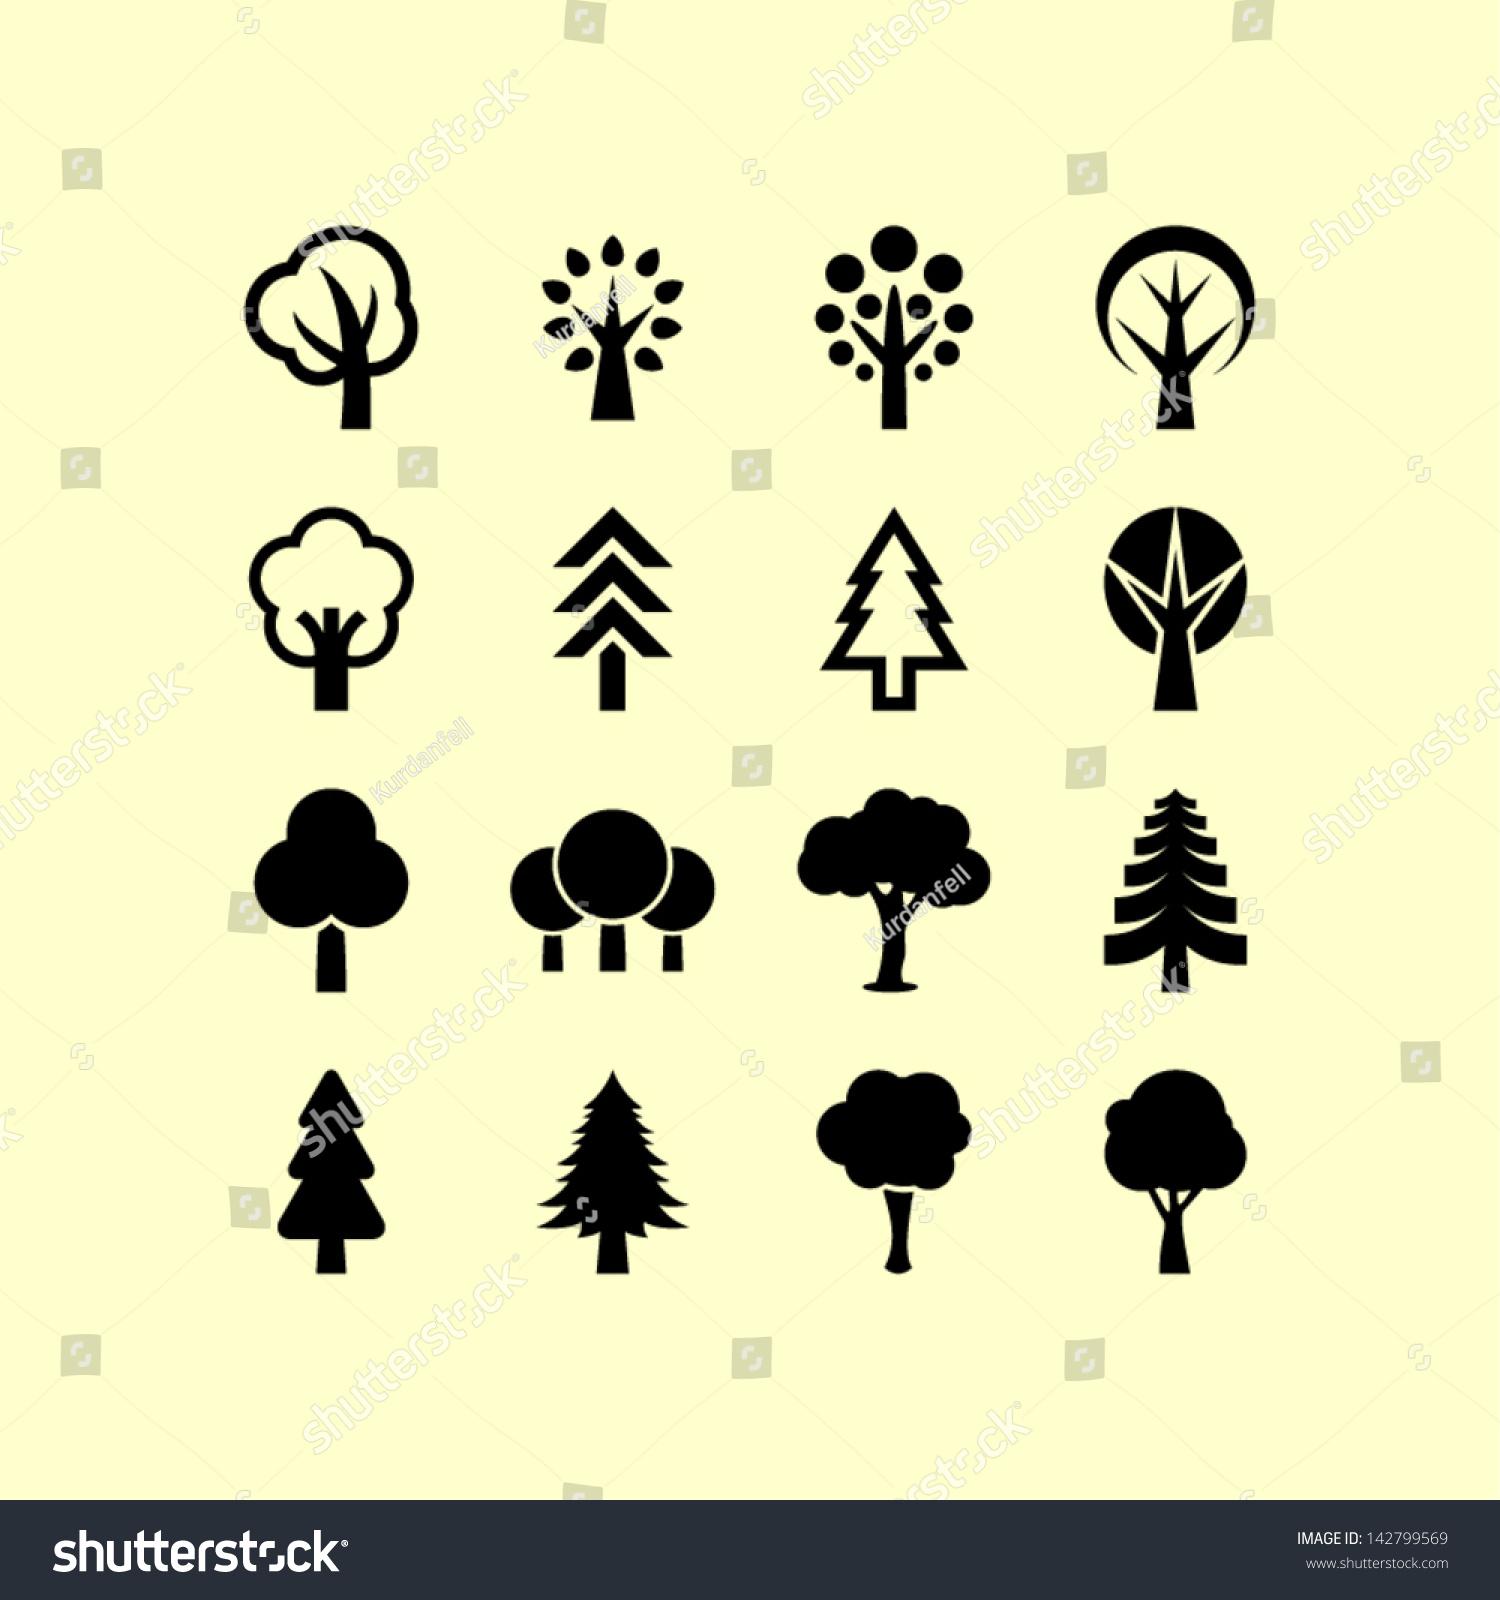 Tree Symbols Stock Vector 142799569 Shutterstock